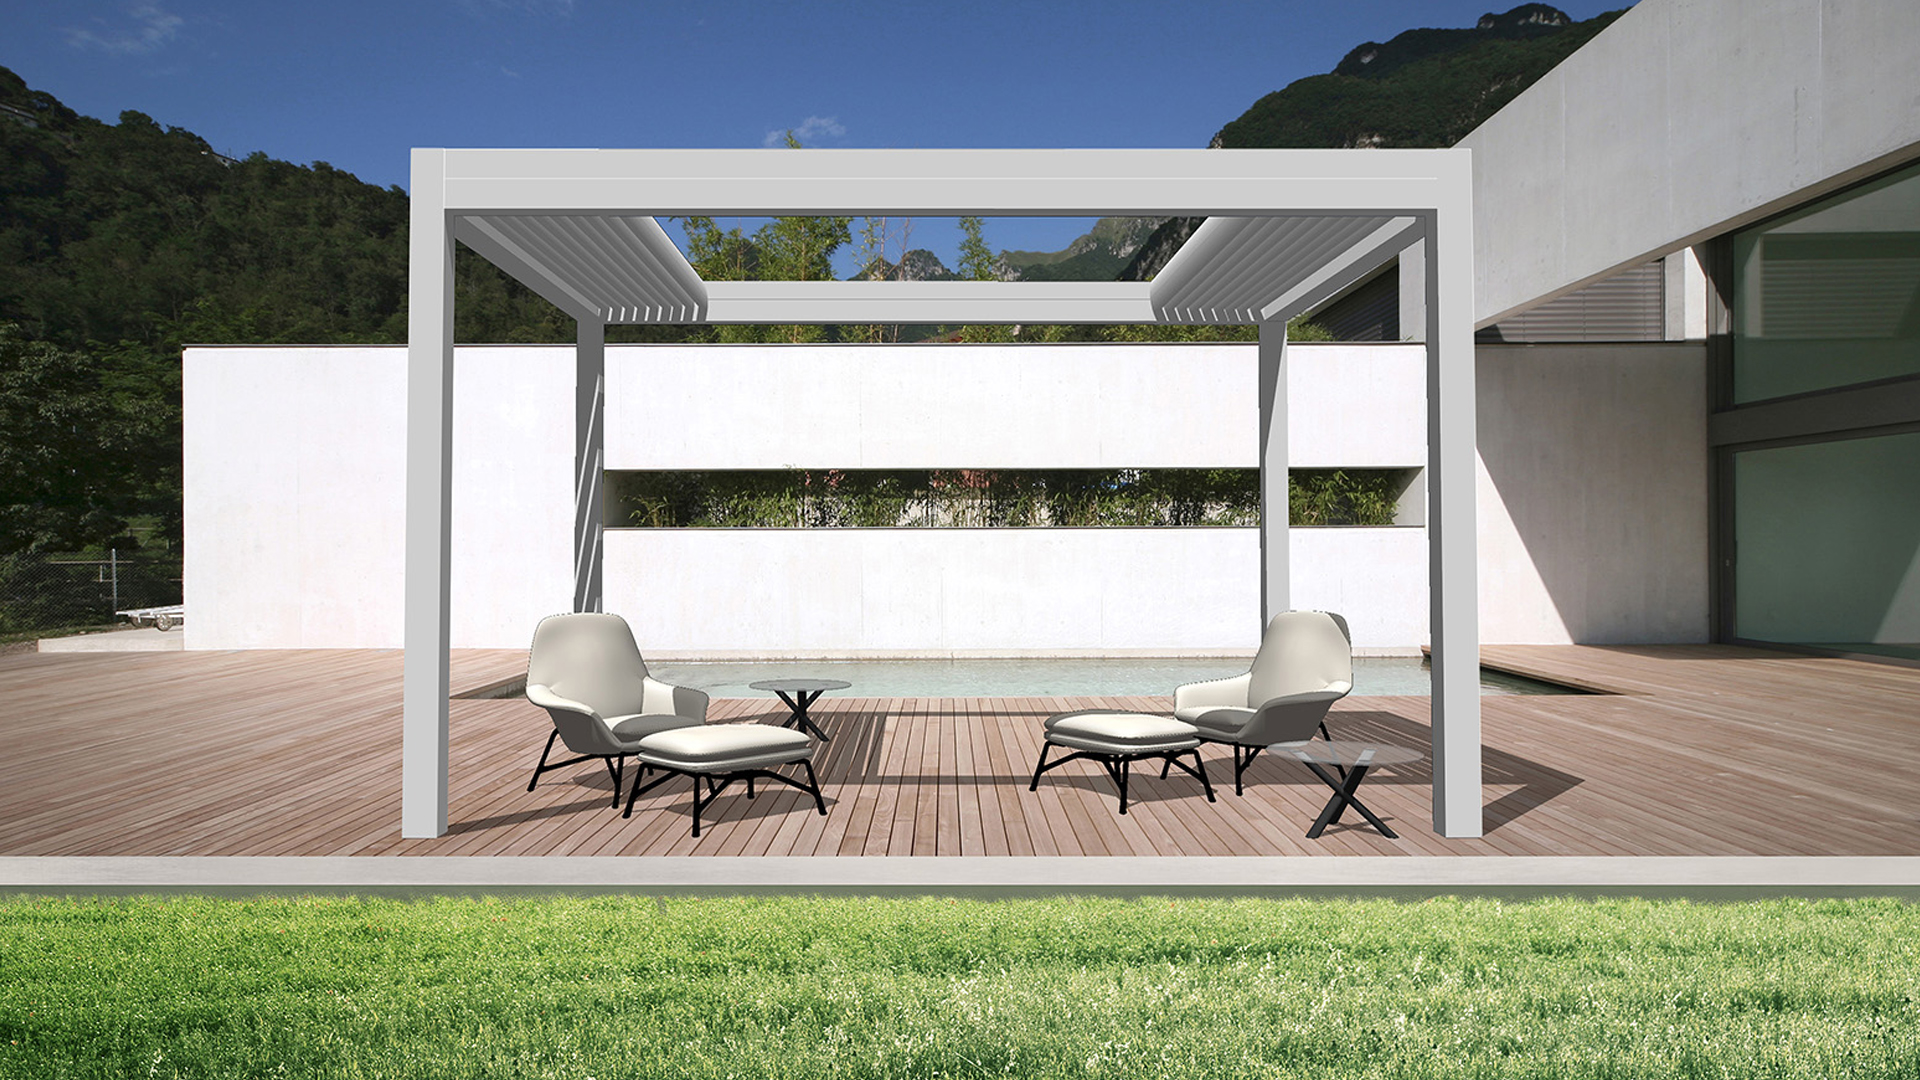 freistehendes Open'R® Lamellendach auf einer Terrasse